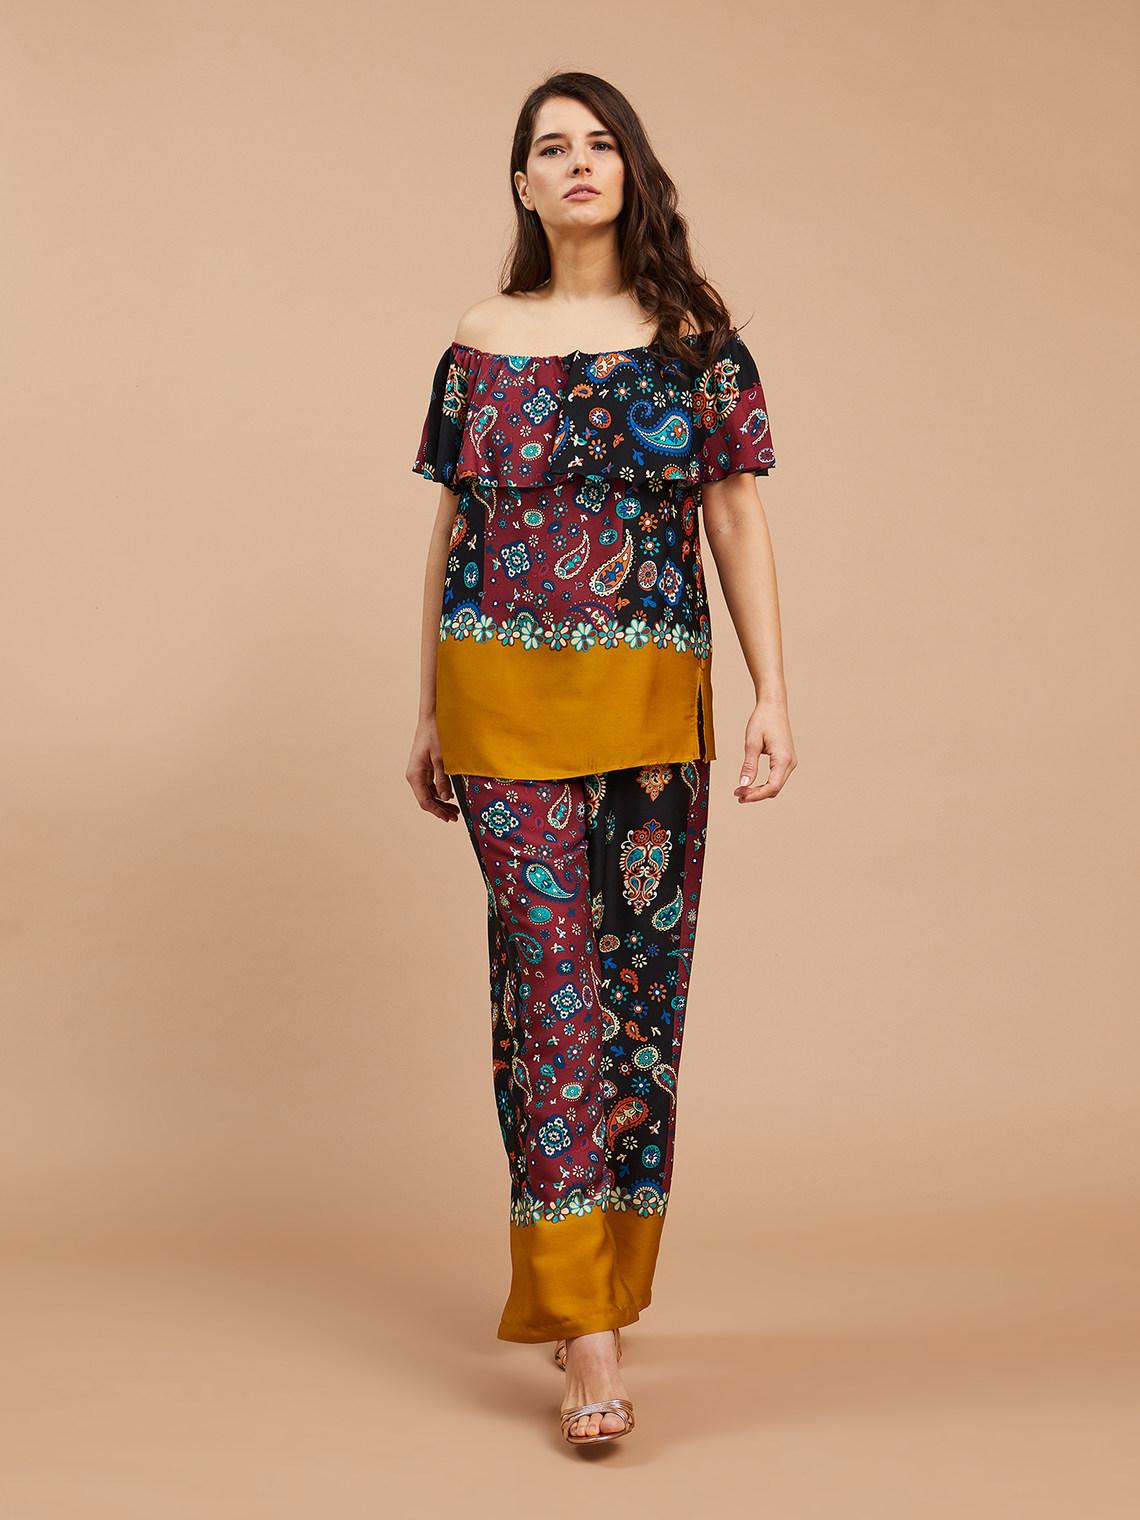 qualità superiore 93ae0 c16f1 Pantaloni dritti stampati - Fiorella Rubino - FR